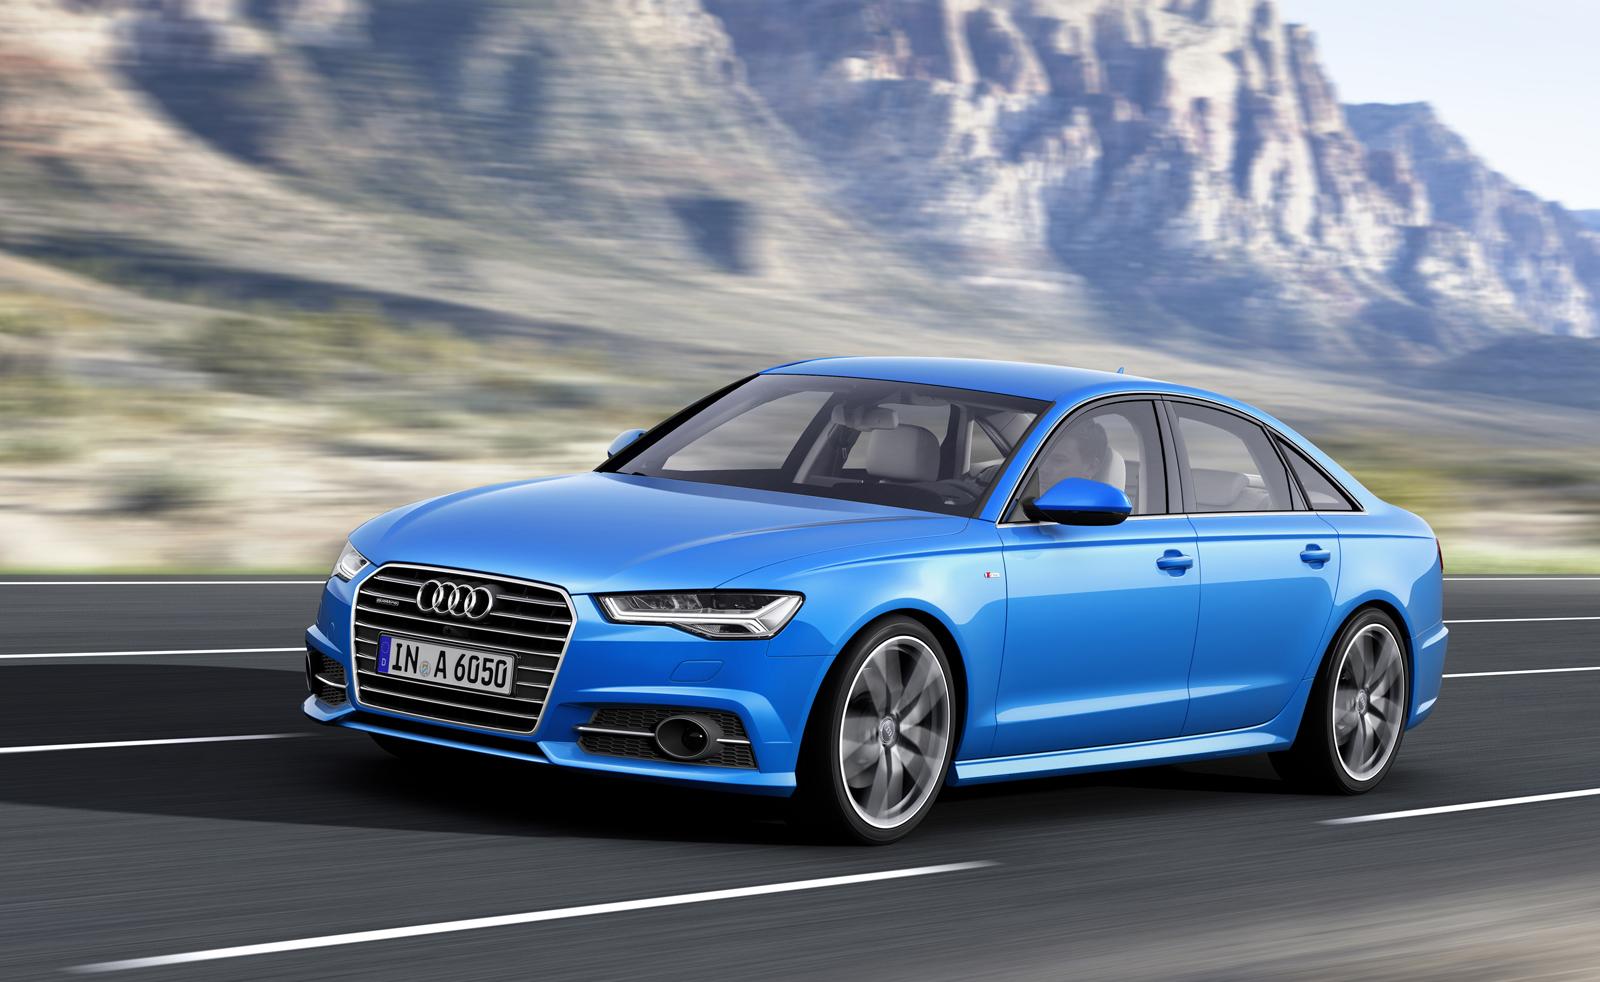 Рестайлинг Audi A6 2016 для рынка США